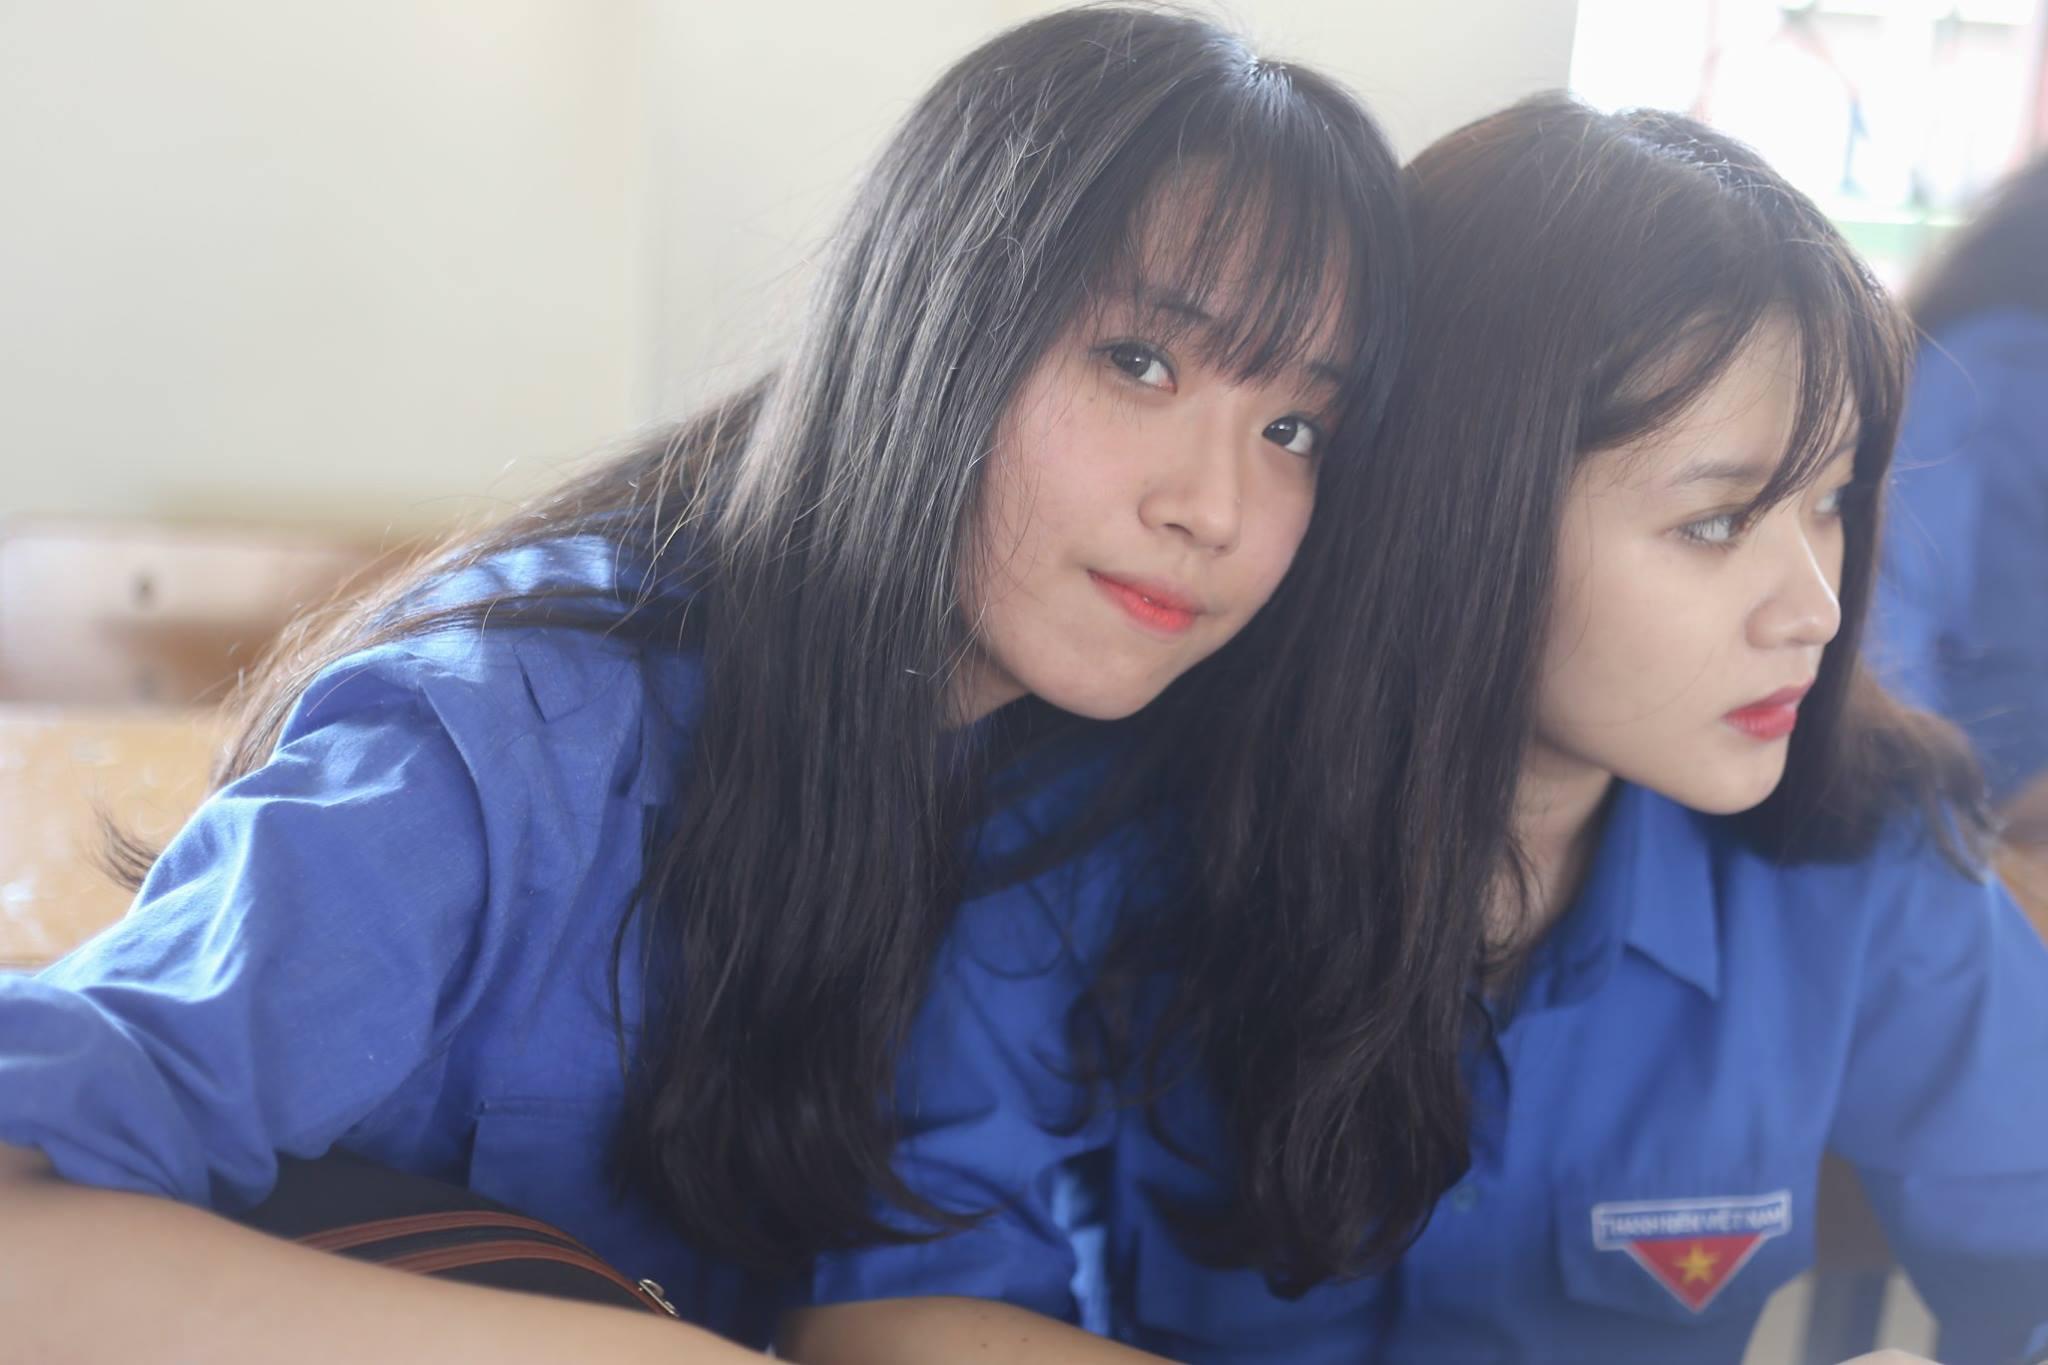 Hoá ra trường chuyên ĐH Vinh (Nghệ An) cũng nhiều con gái xinh ghê! - Ảnh 28.